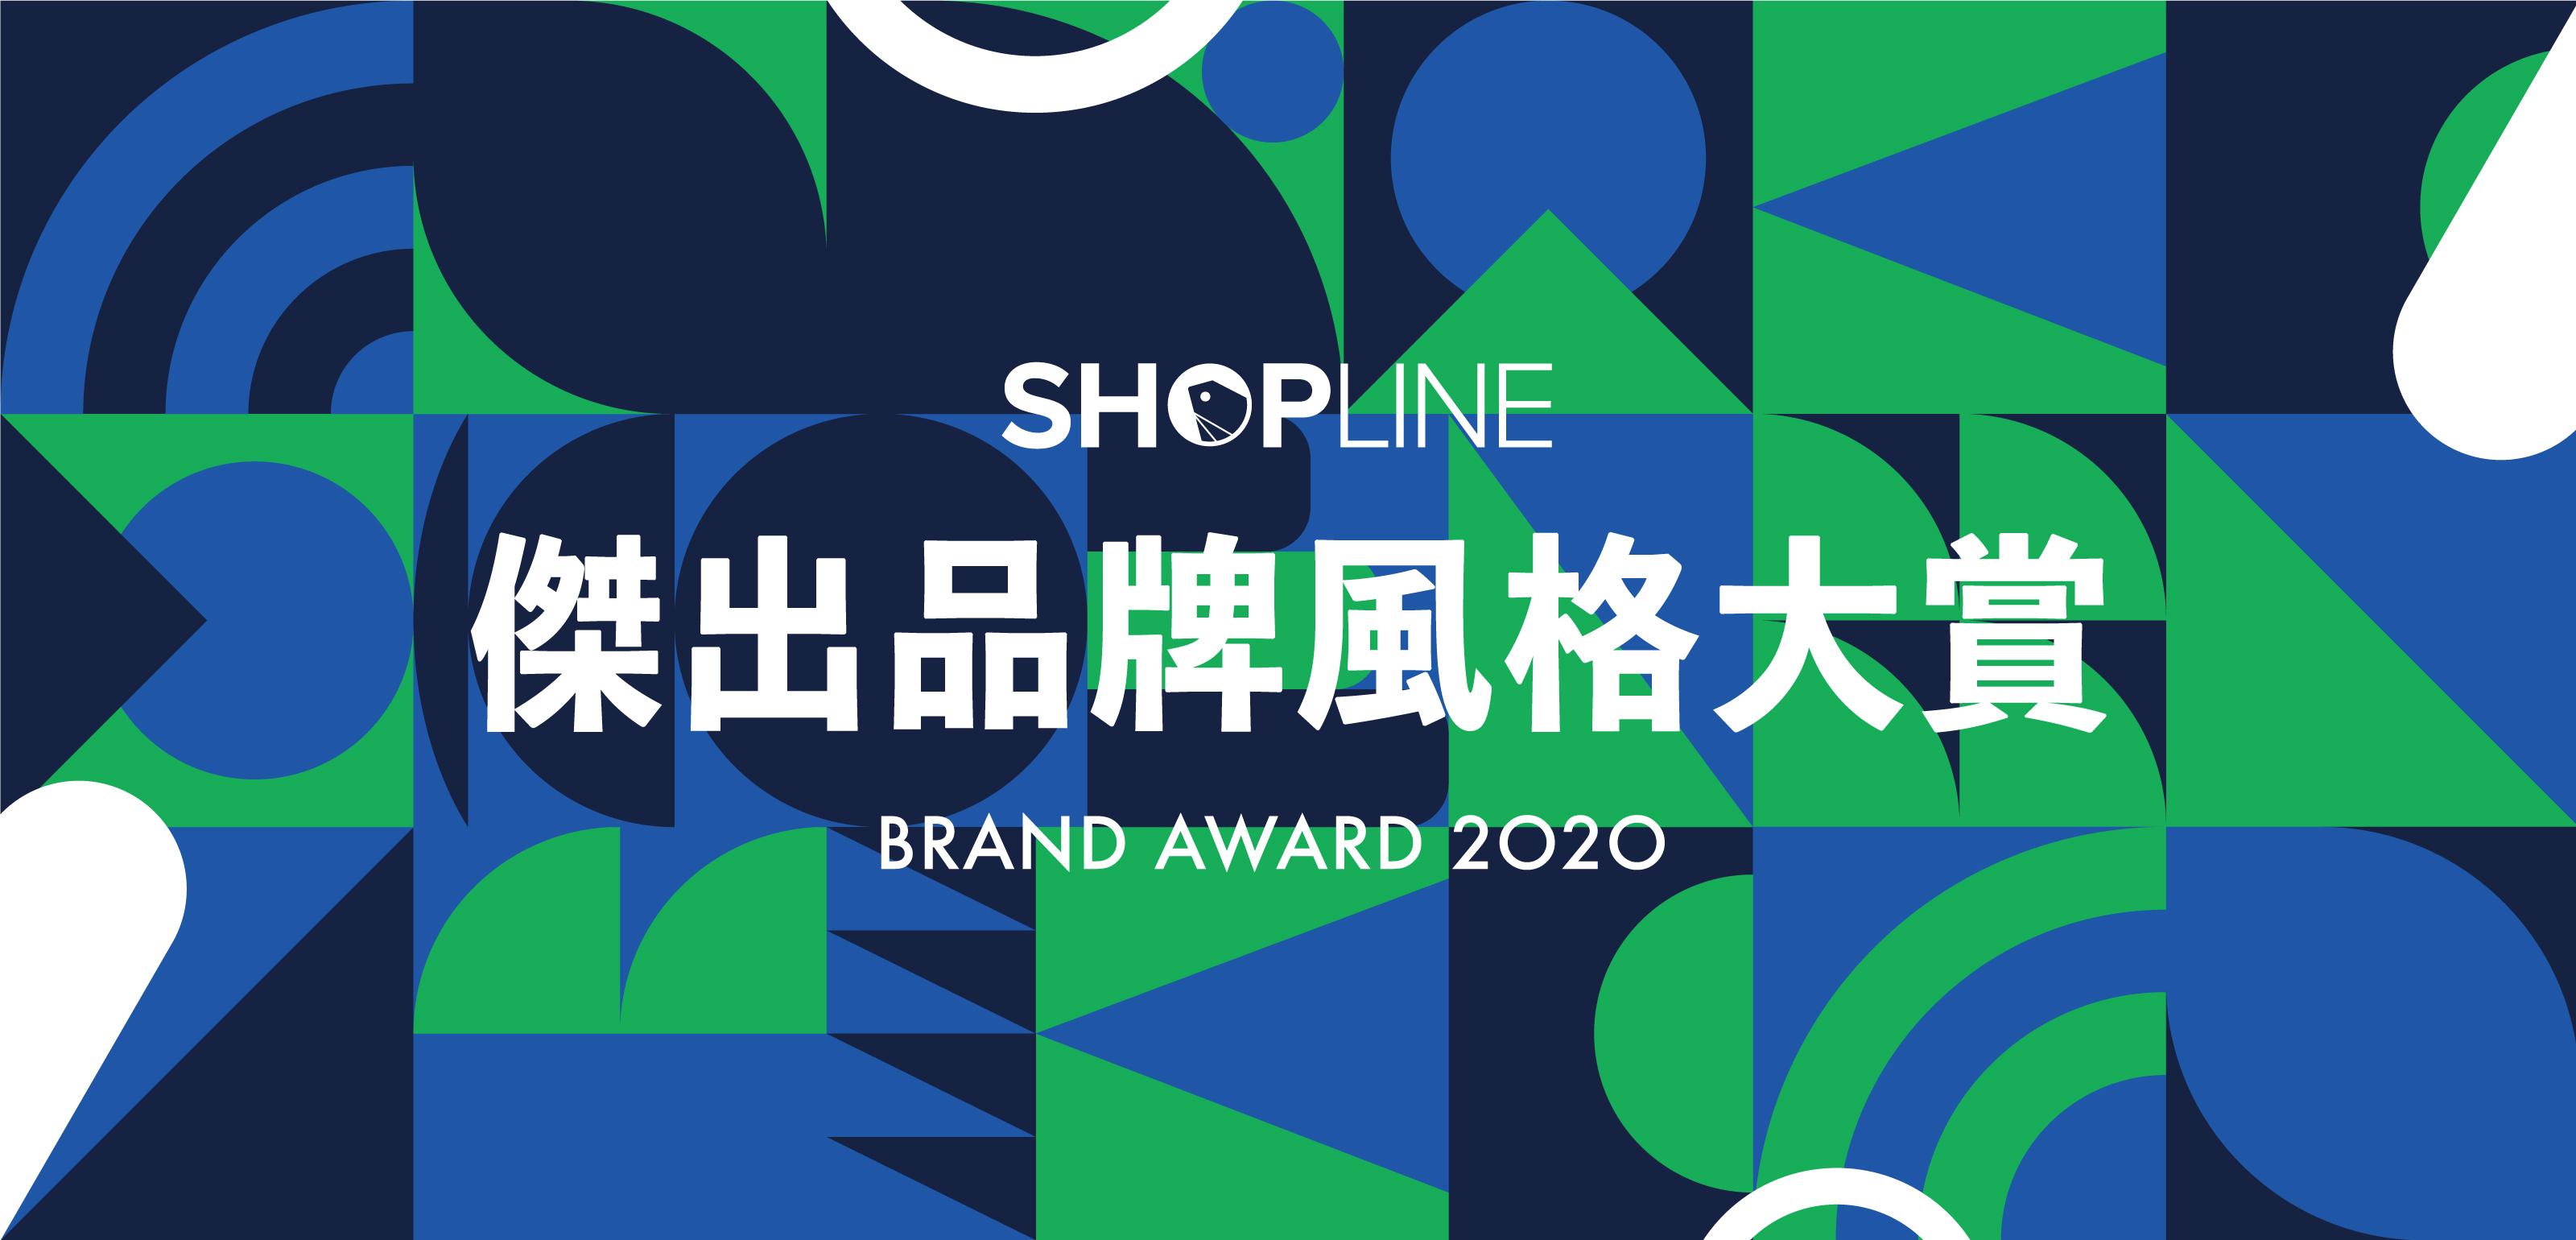 電商逆勢成長  SHOPLINE宣布品牌風格大賞開放報名